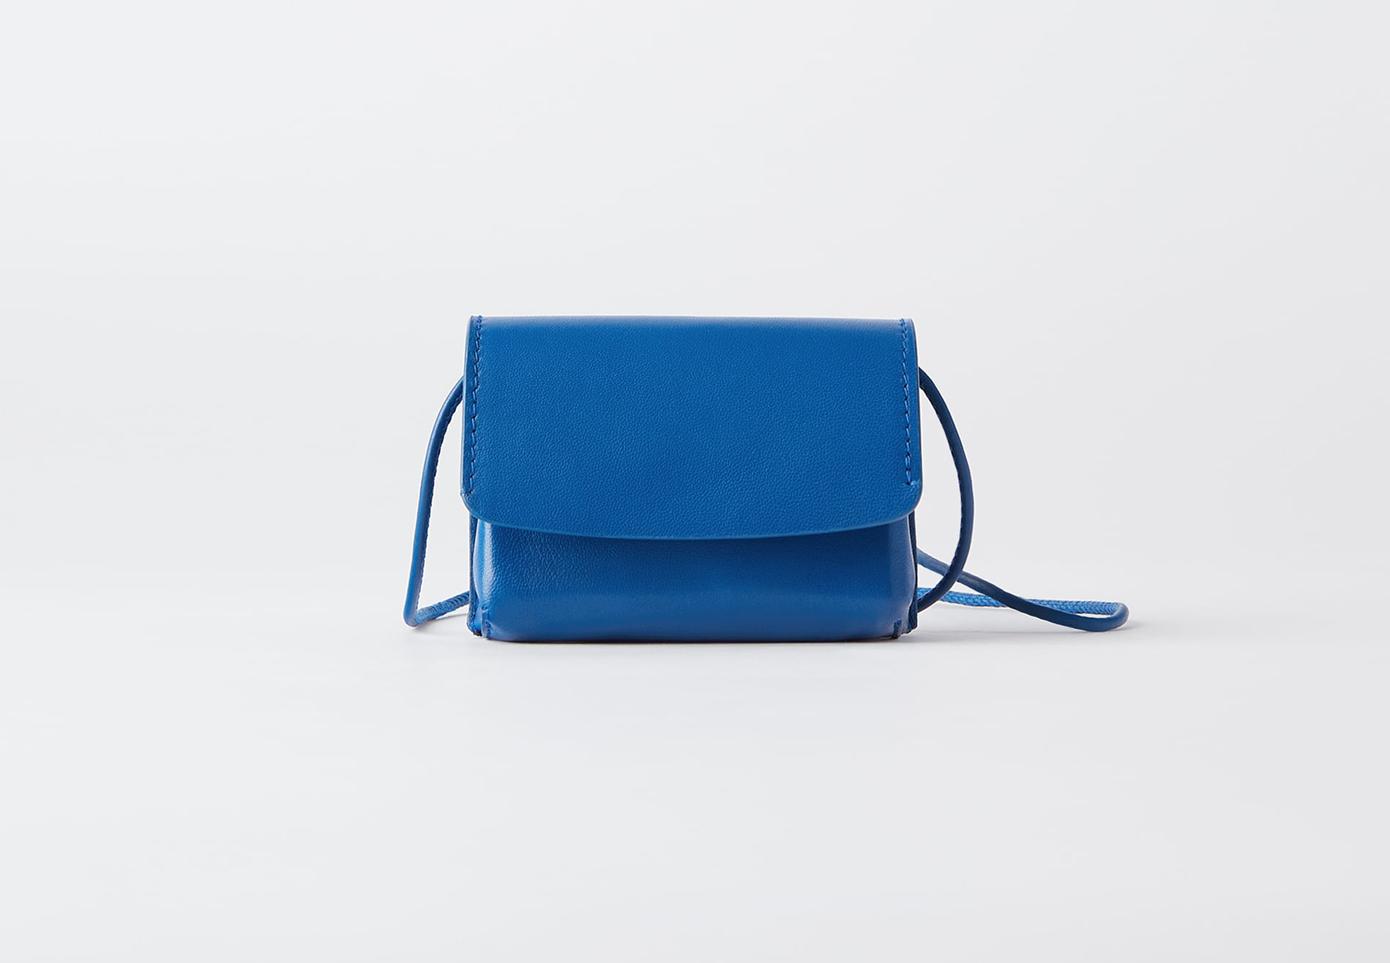 Zara-MicroBag